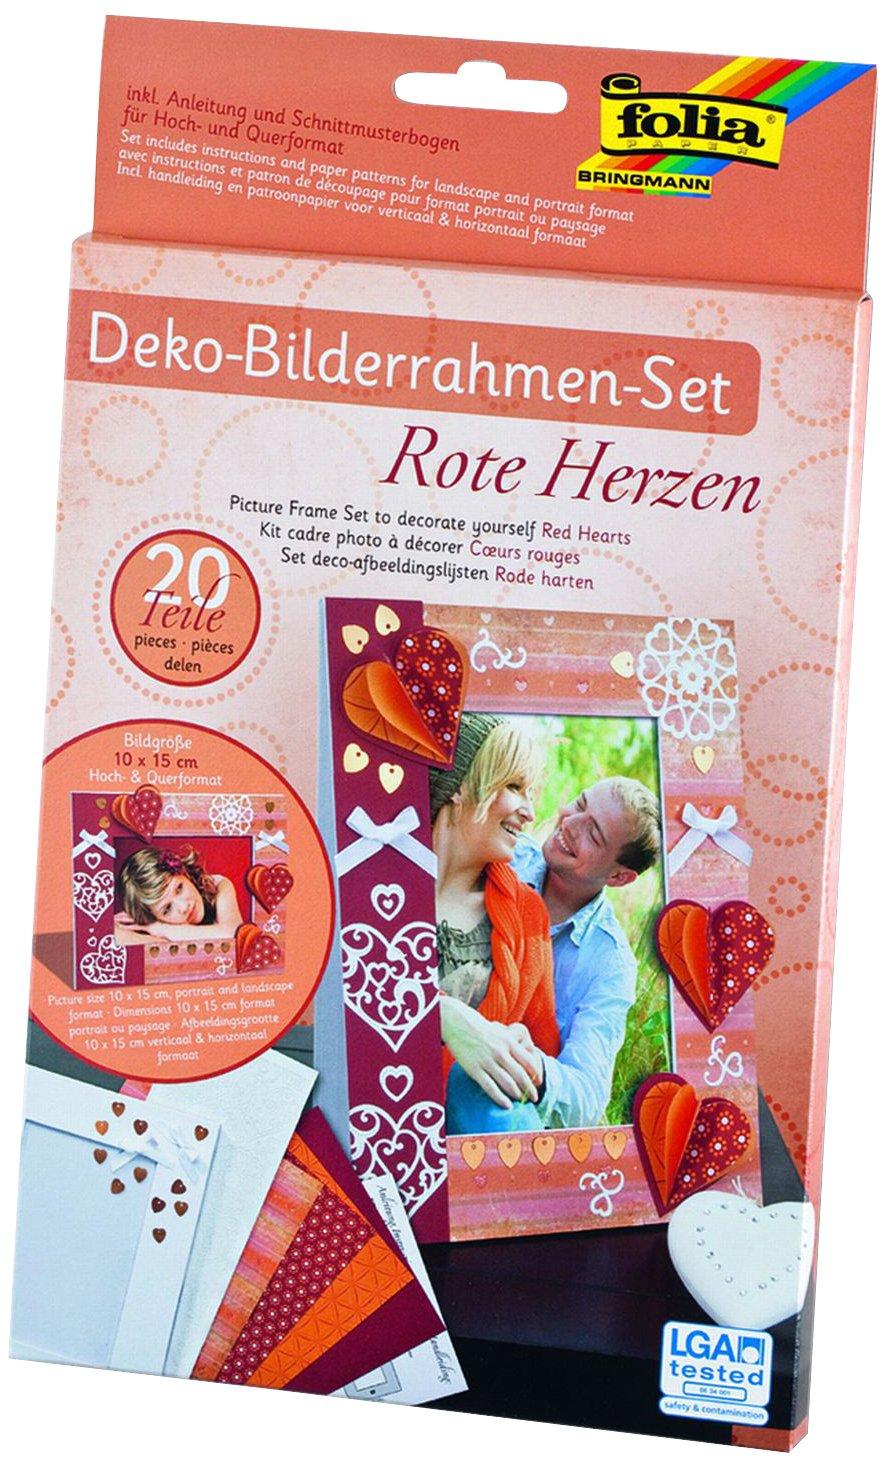 folia 23333 - Bilderrahmen - Set Rote Herzen, 20 teilig: Amazon.de ...